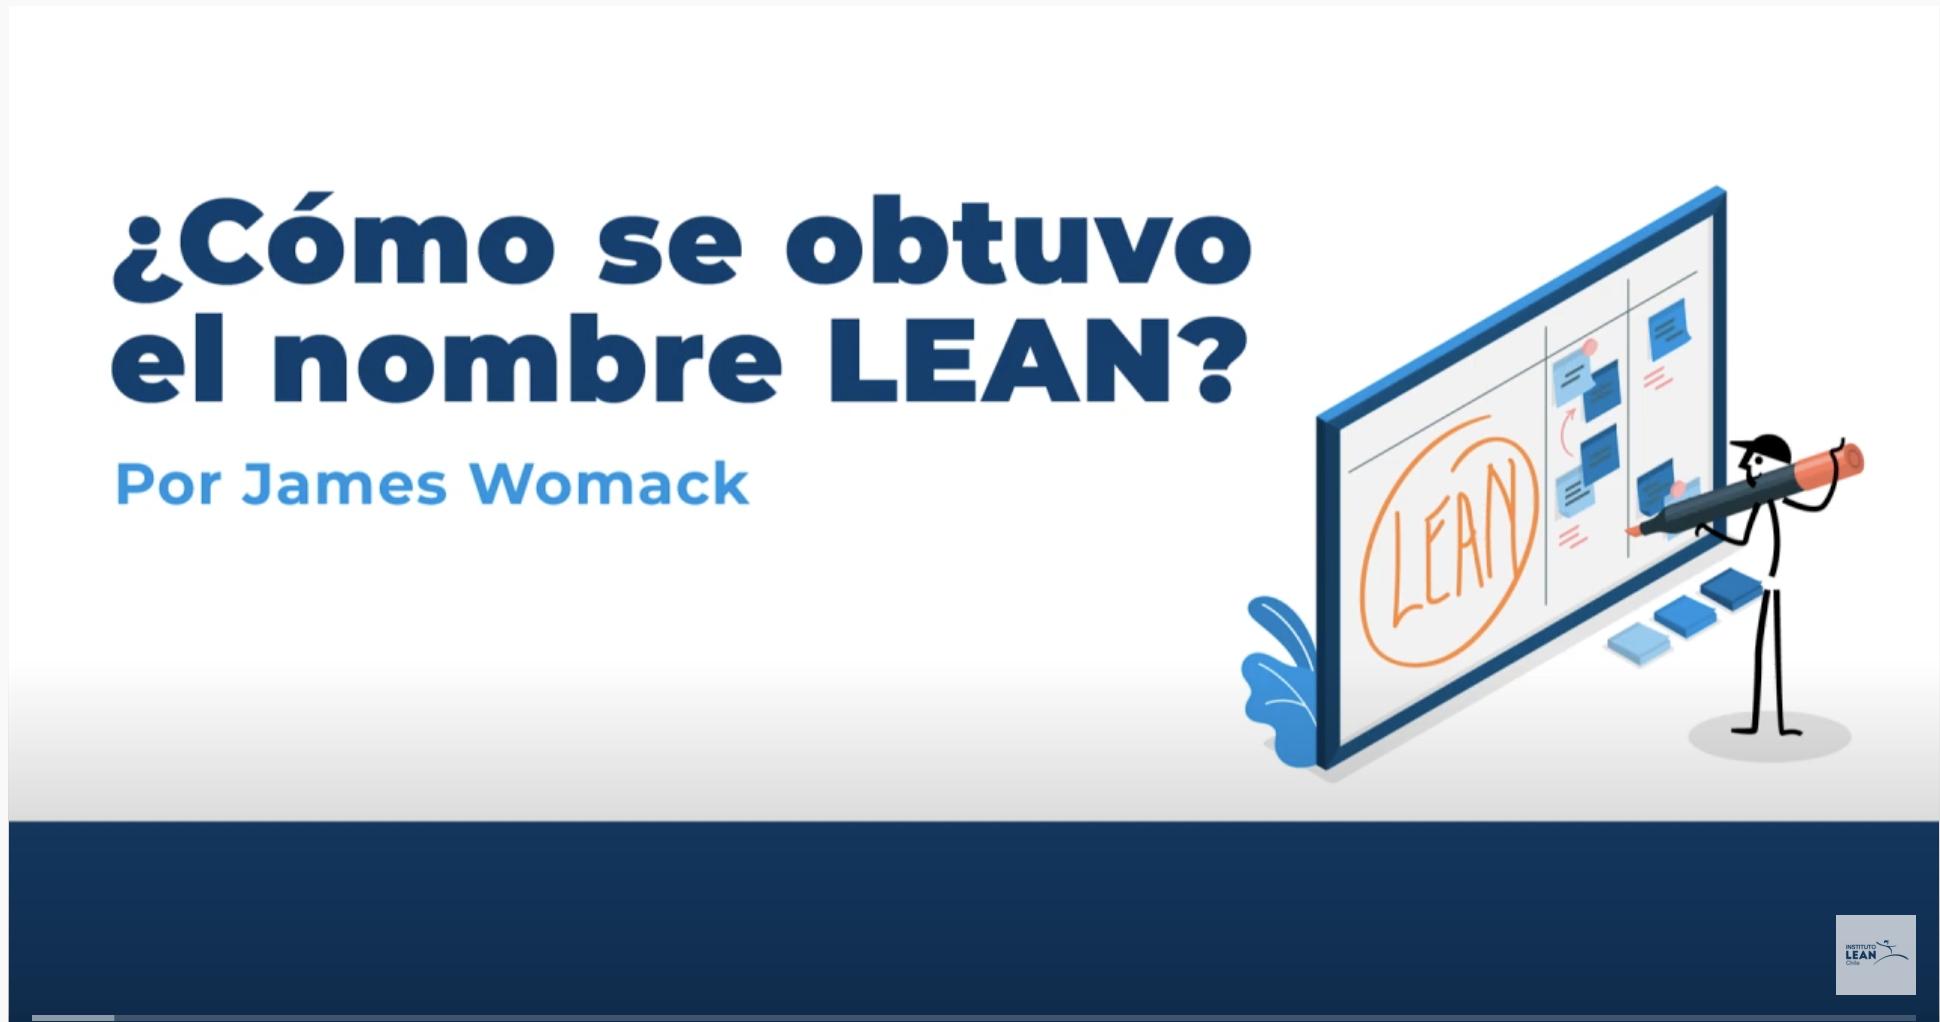 ¿Cómo se obtuvo el nombre Lean?